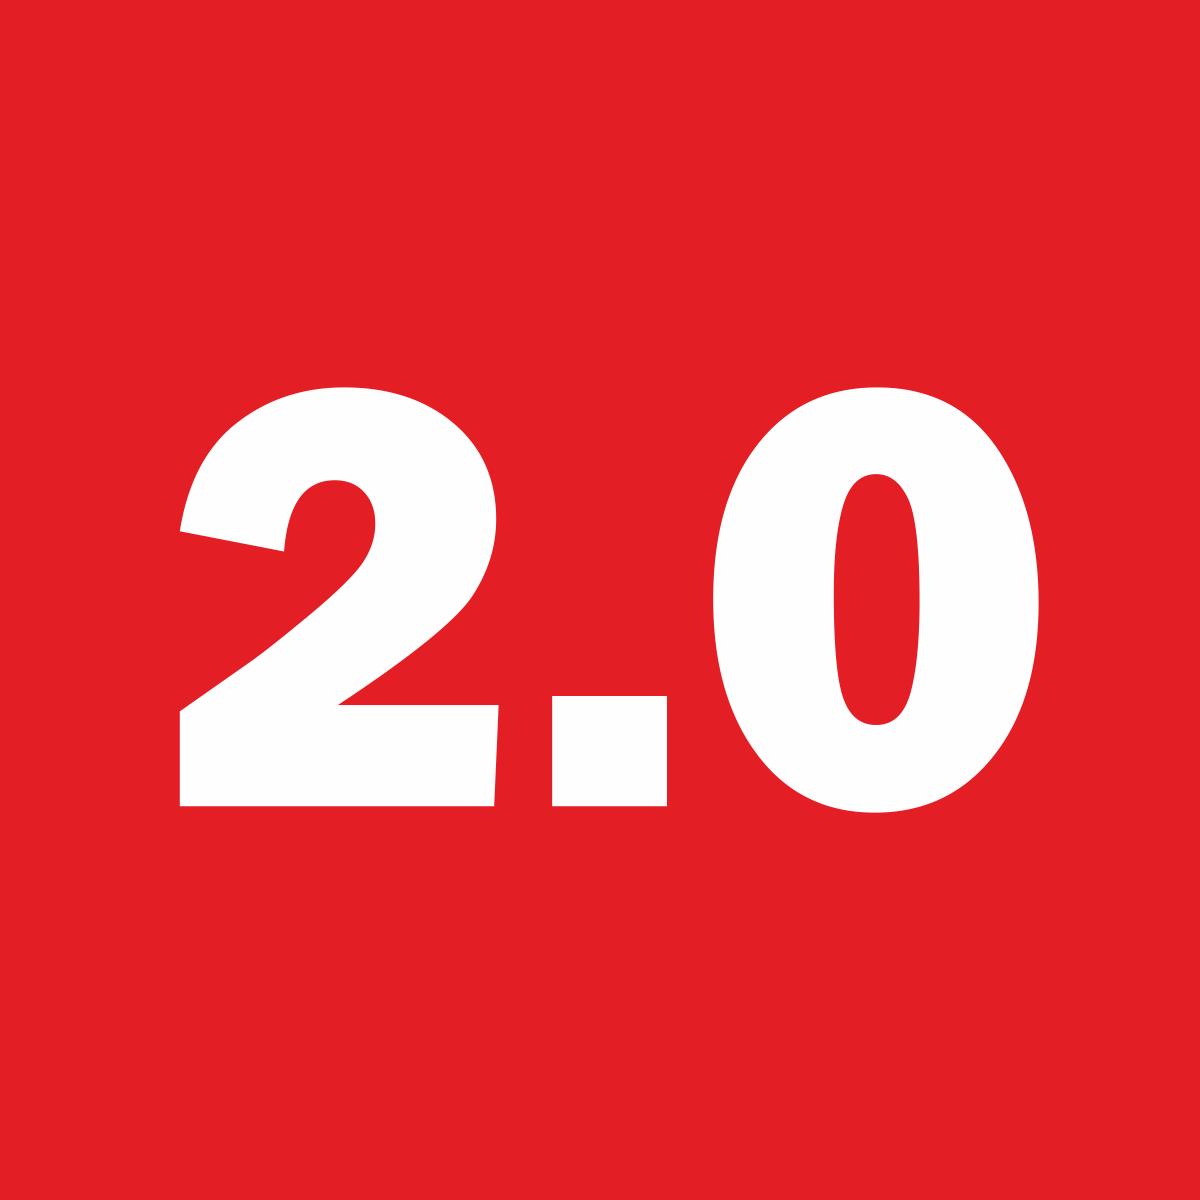 ТИПОГРАФИЯ 2.0